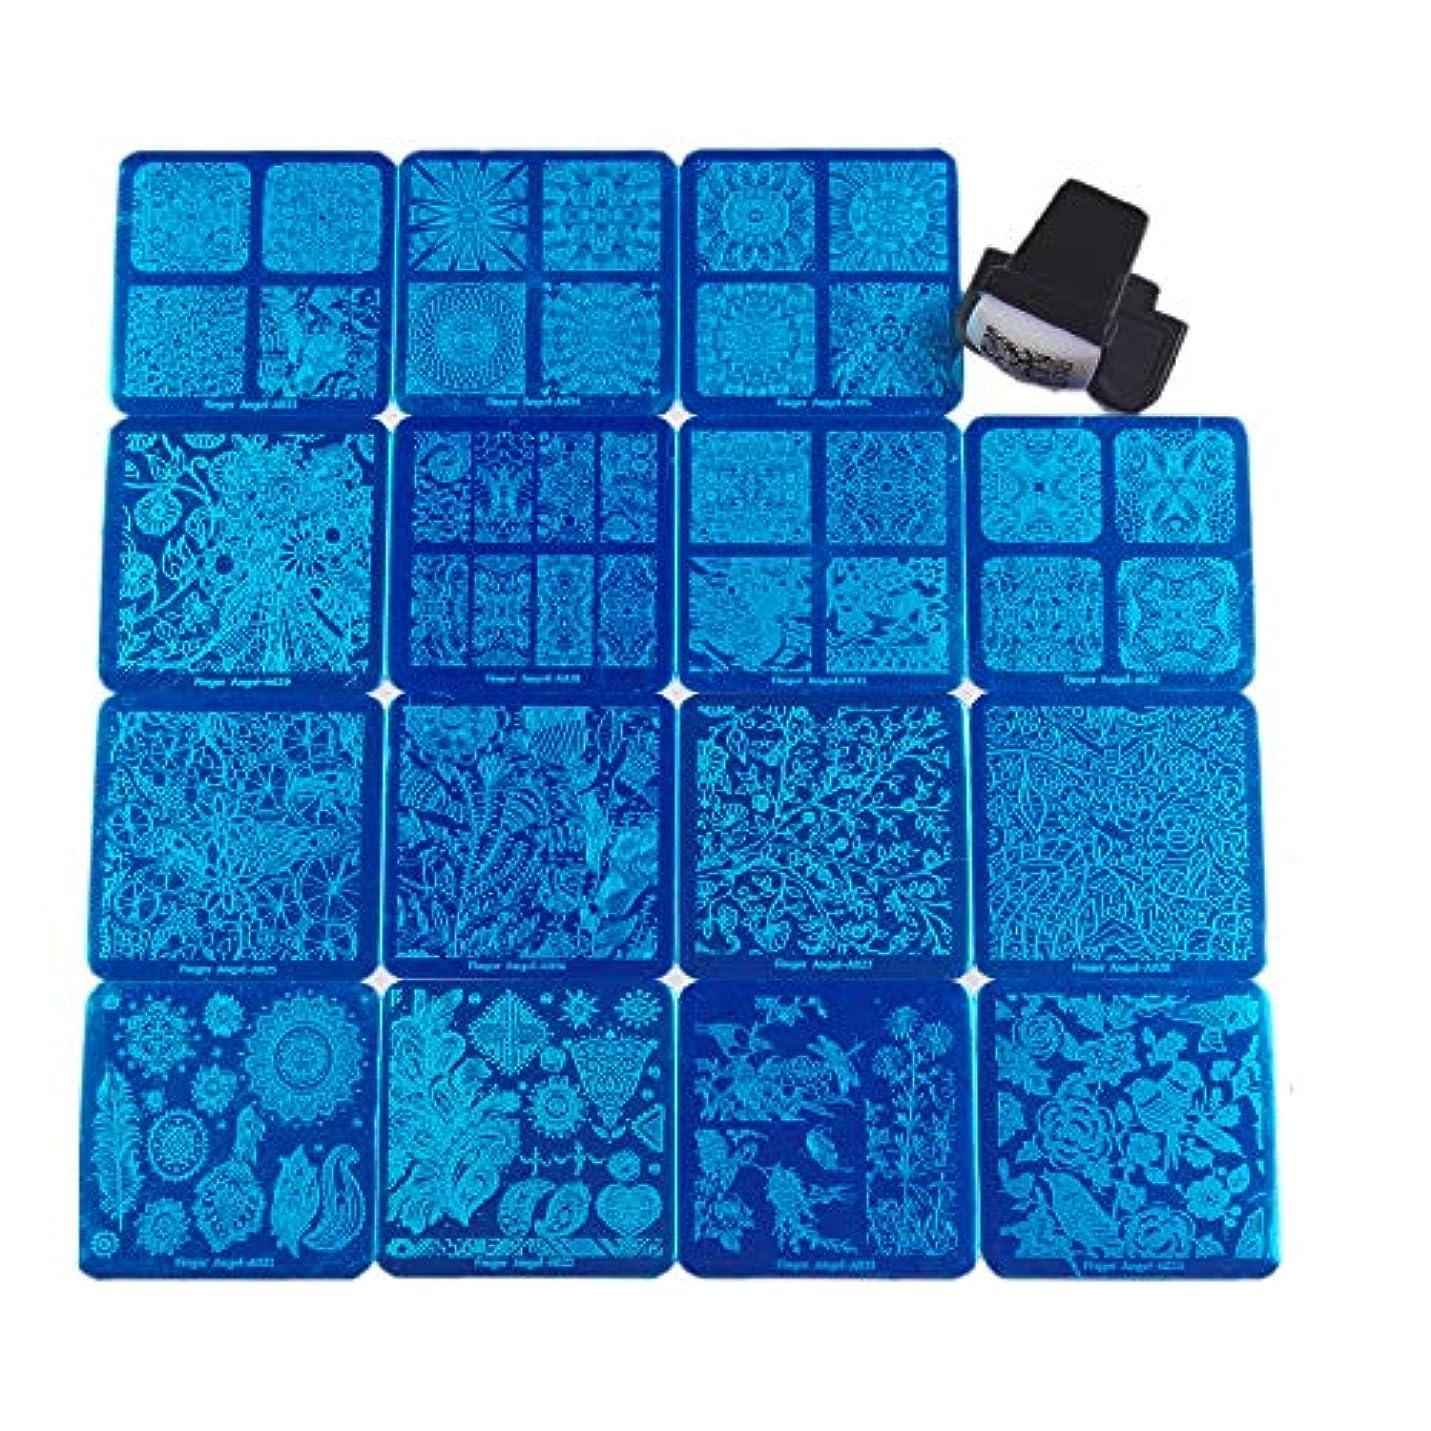 憲法仕方火炎FingerAngel ネイルイメージプレートセット ネイルプレート正方形15枚 スタンプ スクレーパー カードバッグ付き ネイルサロンも自宅も使えるネイルプレート